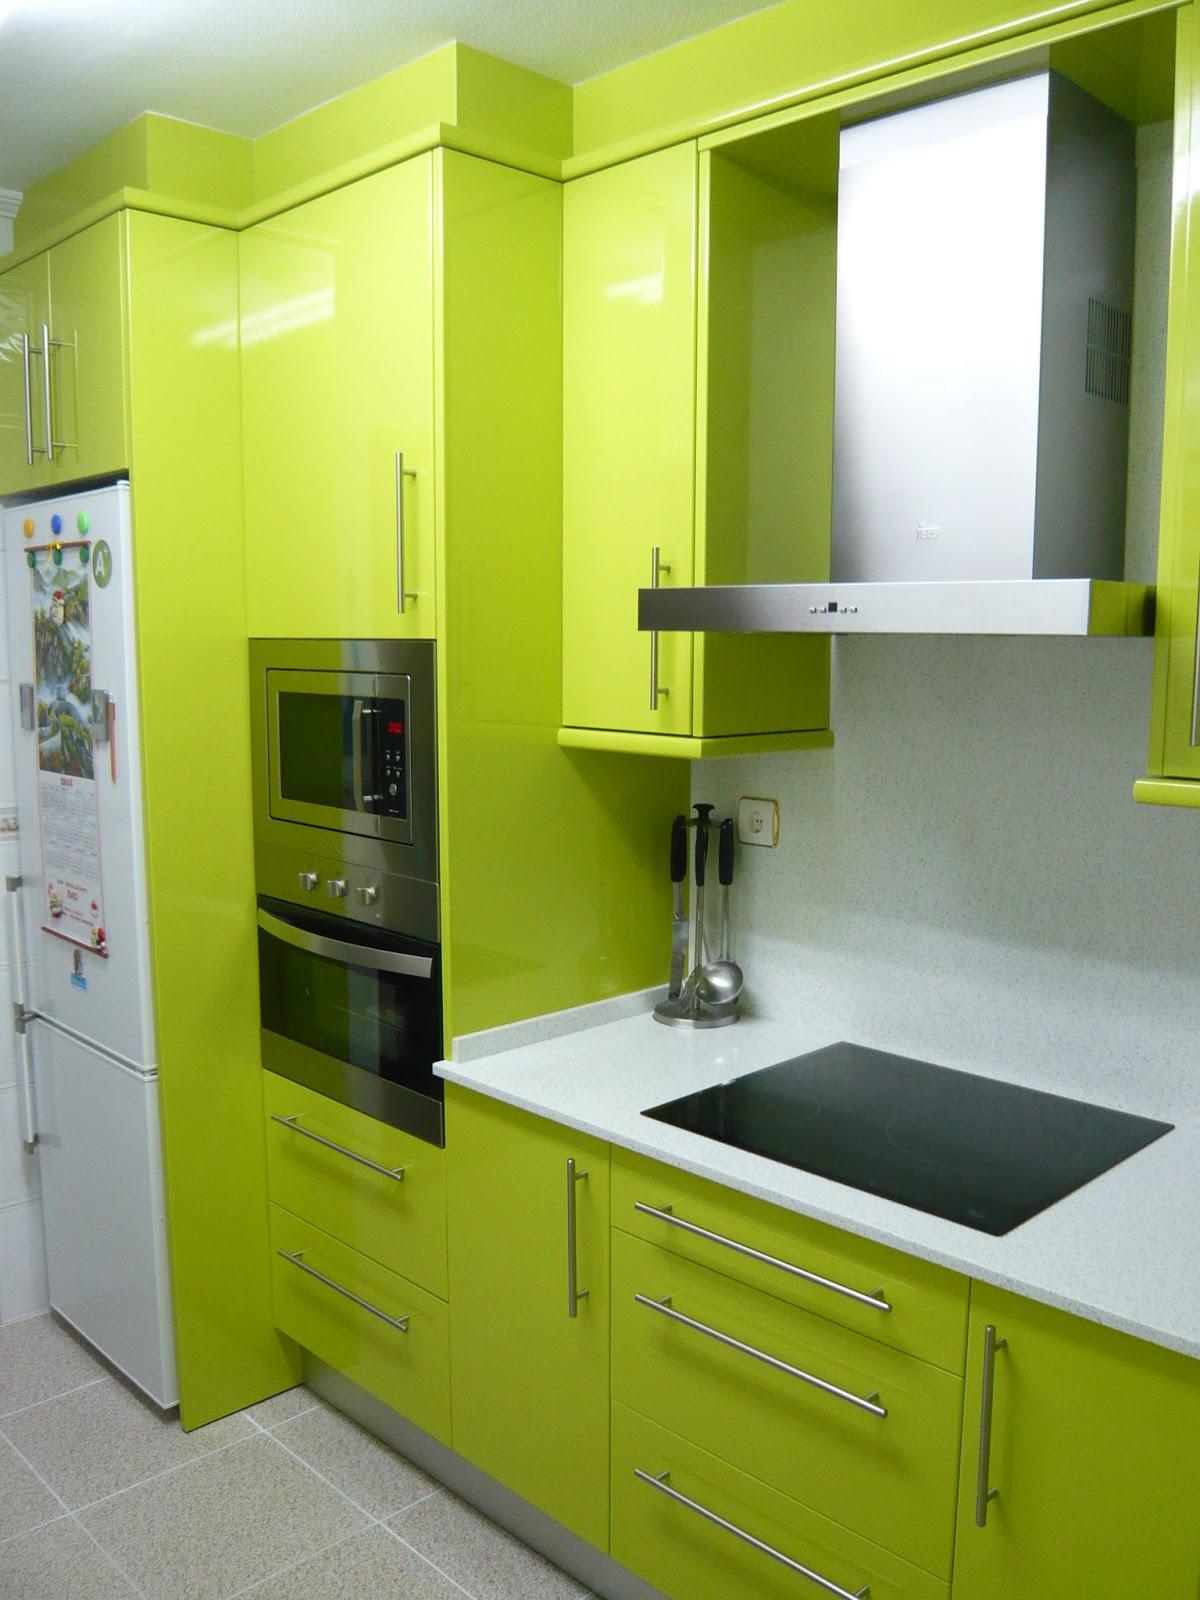 reuscuina cocina verde pistacho con silestone blanco On cocina verde pistacho